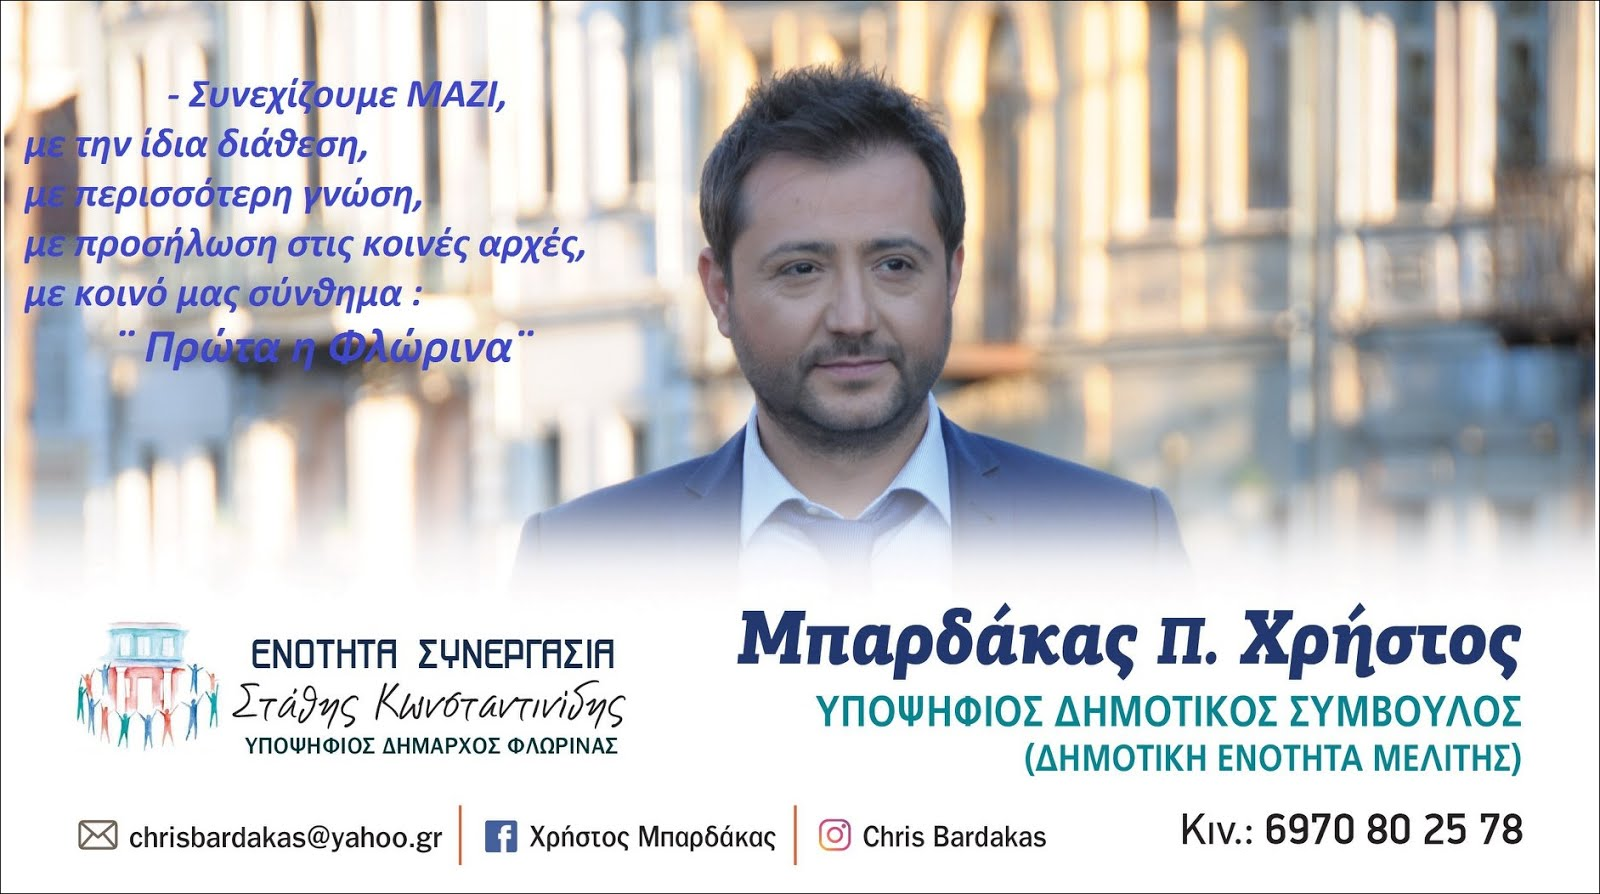 Χρήστος Μπαρδάκας Υποψήφιος δημοτικός σύμβουλος